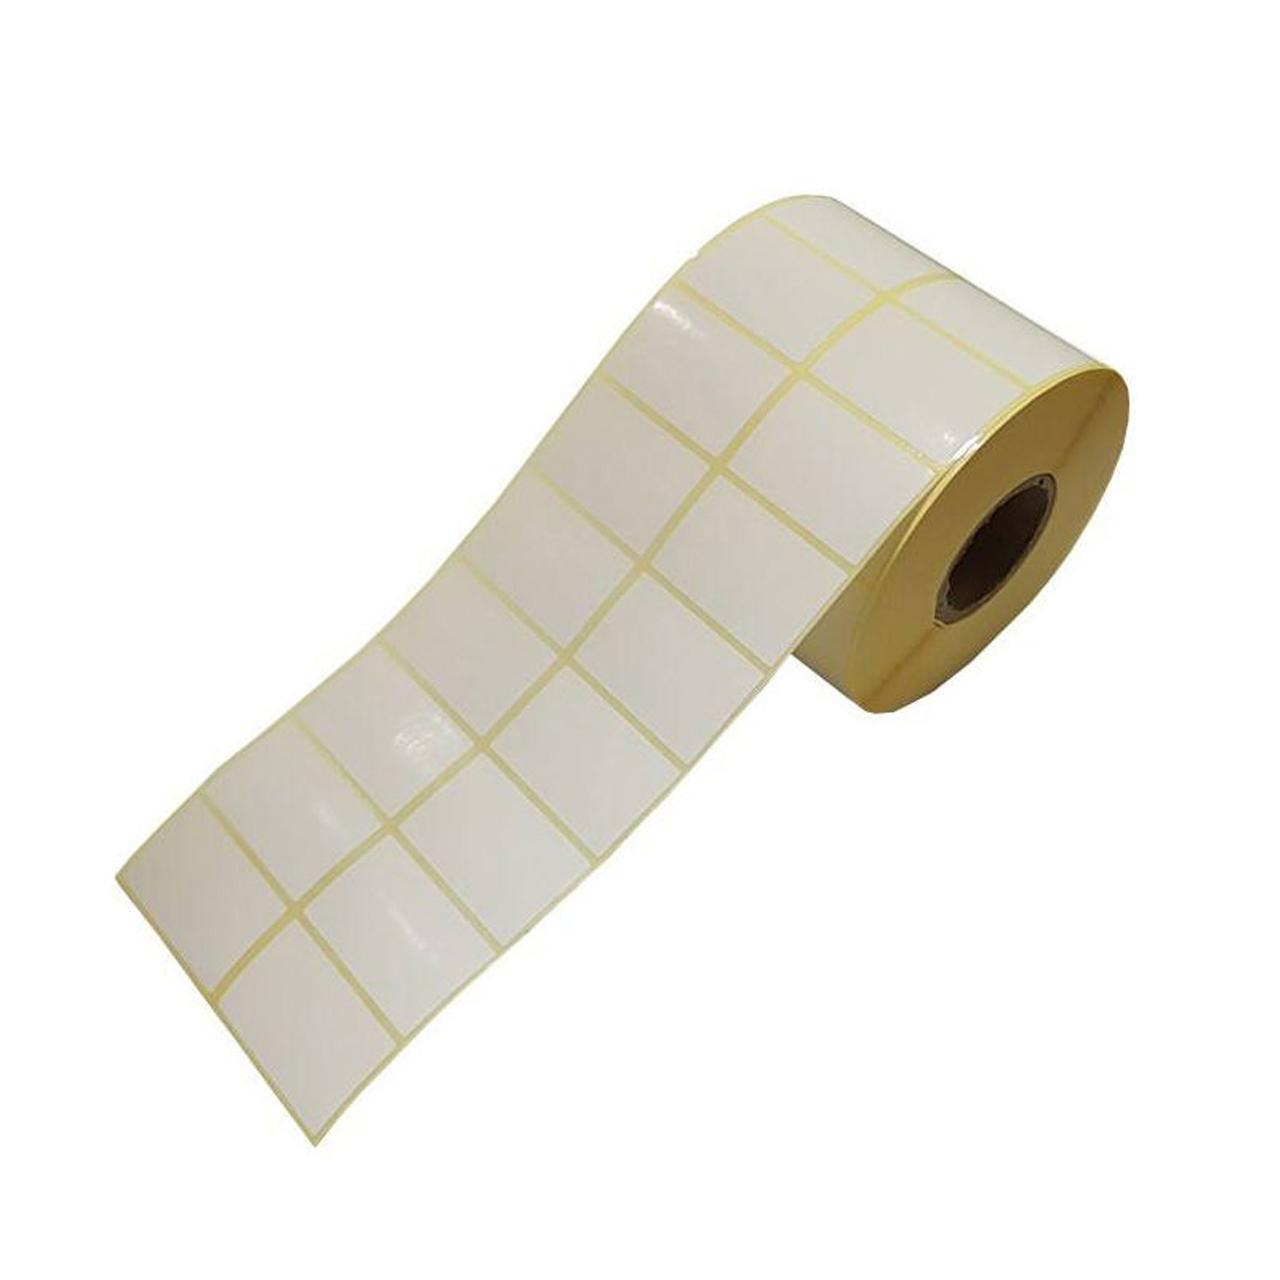 برچسب پرینتر لیبل زن آی تی پی مدل 2/ITP3045 کاغذی سفید رول 4000 عددی